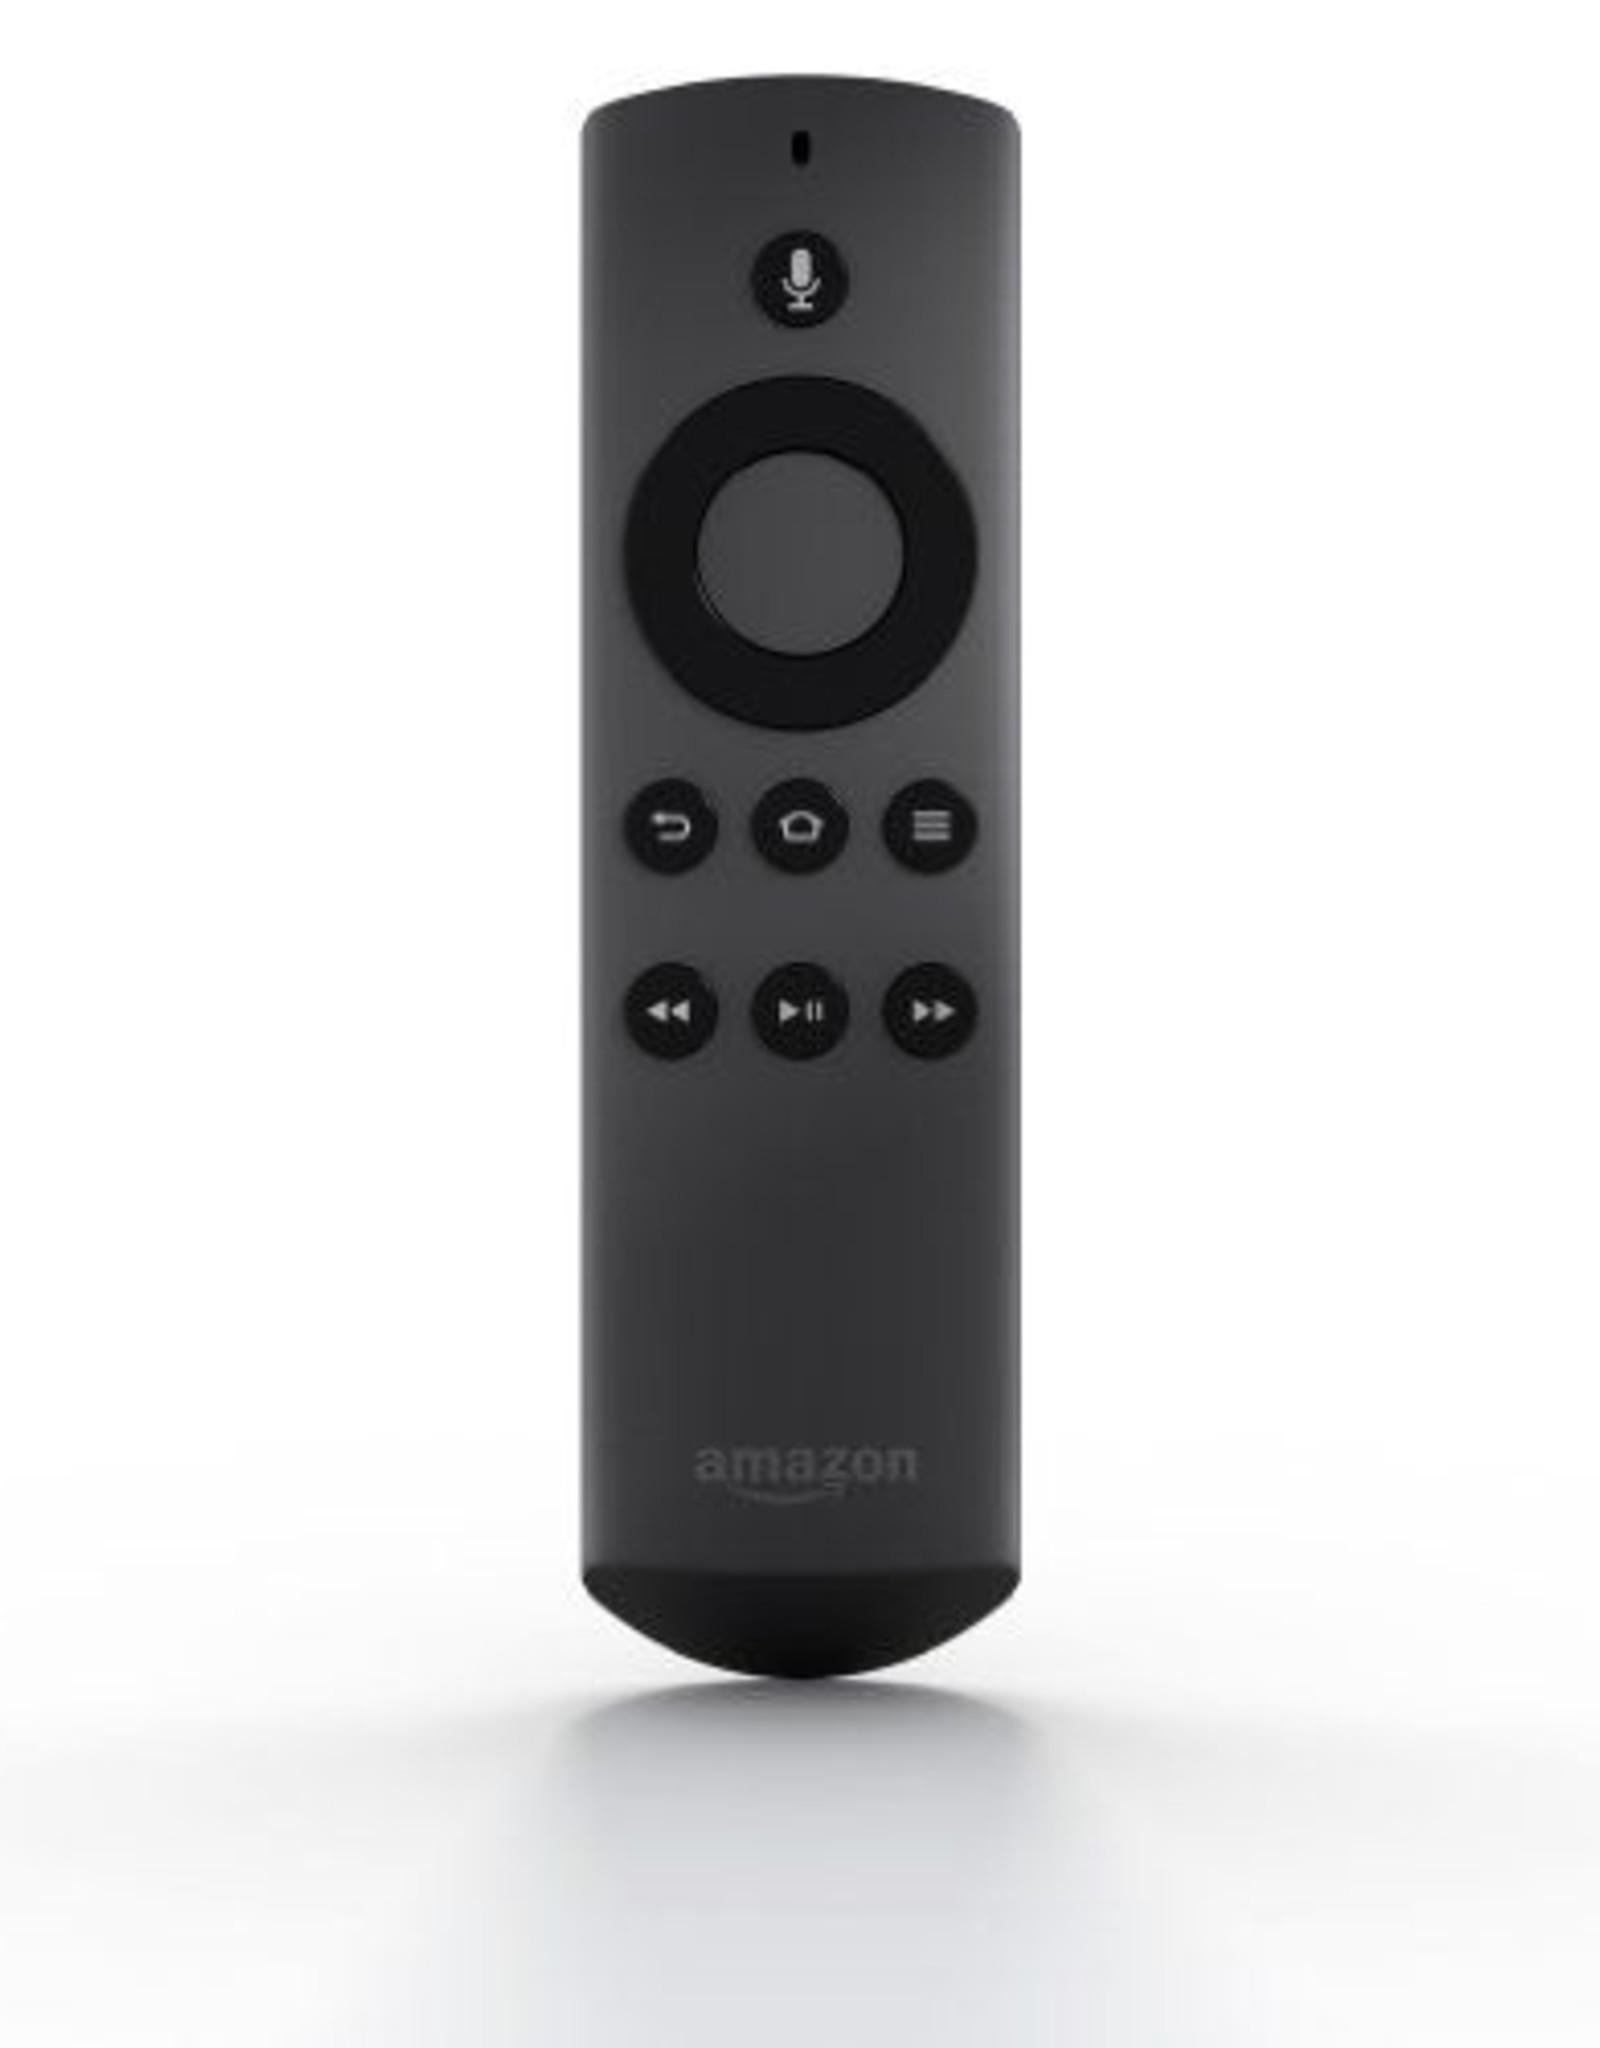 Amazon Amazon Fire TV Stick Voice Remote Control